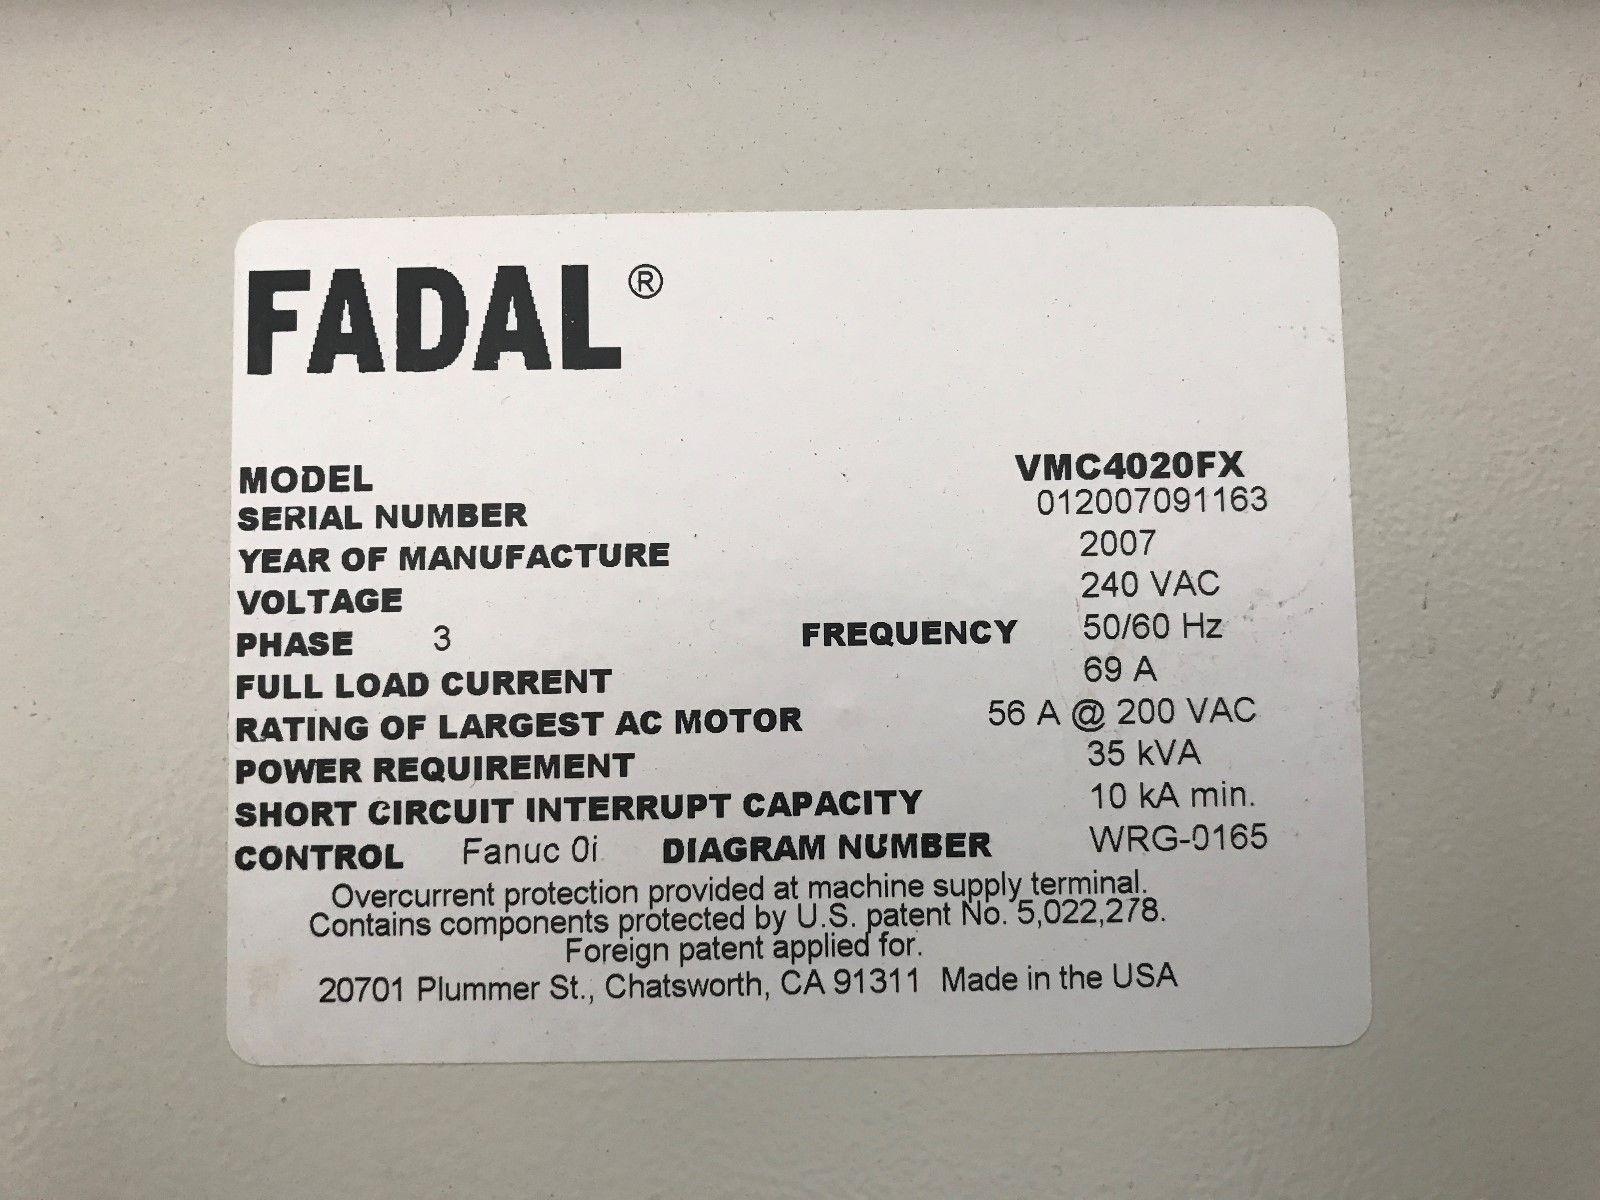 fadal vmc 4020 fx manual